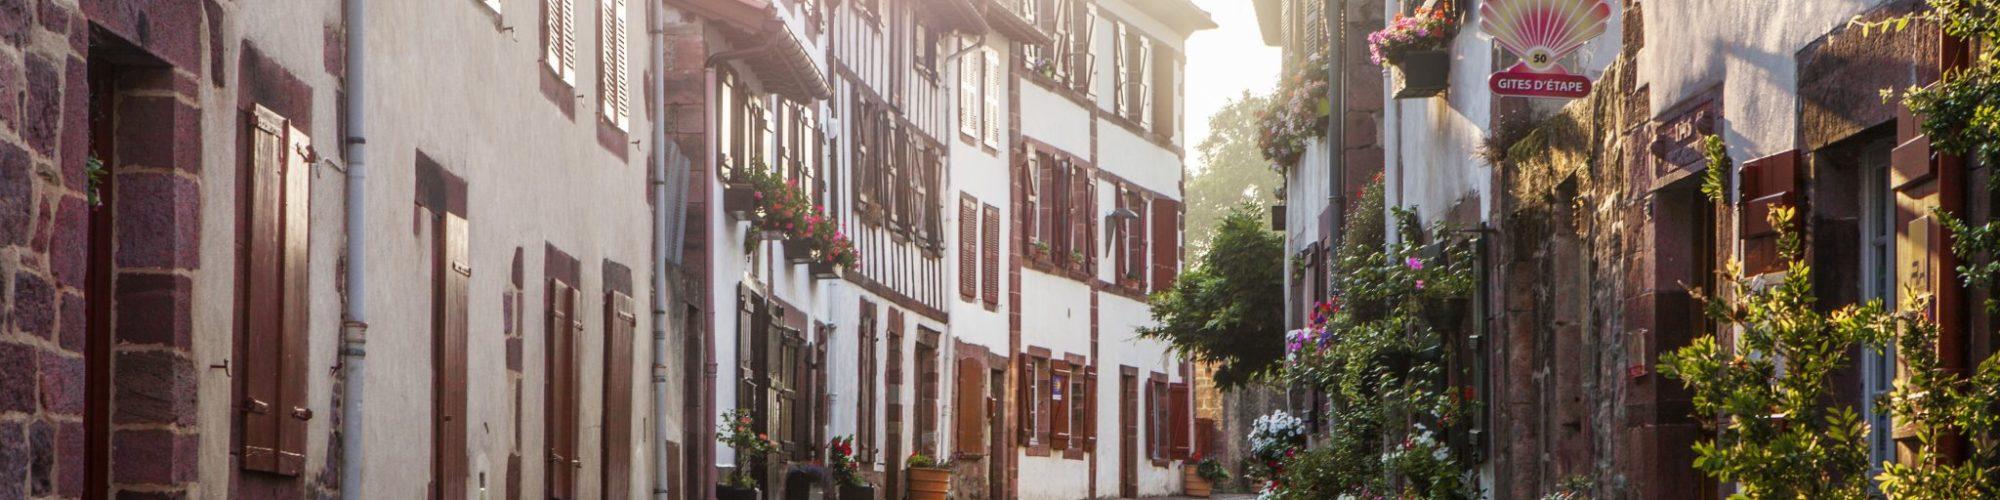 CDT Béarn Pays Basque